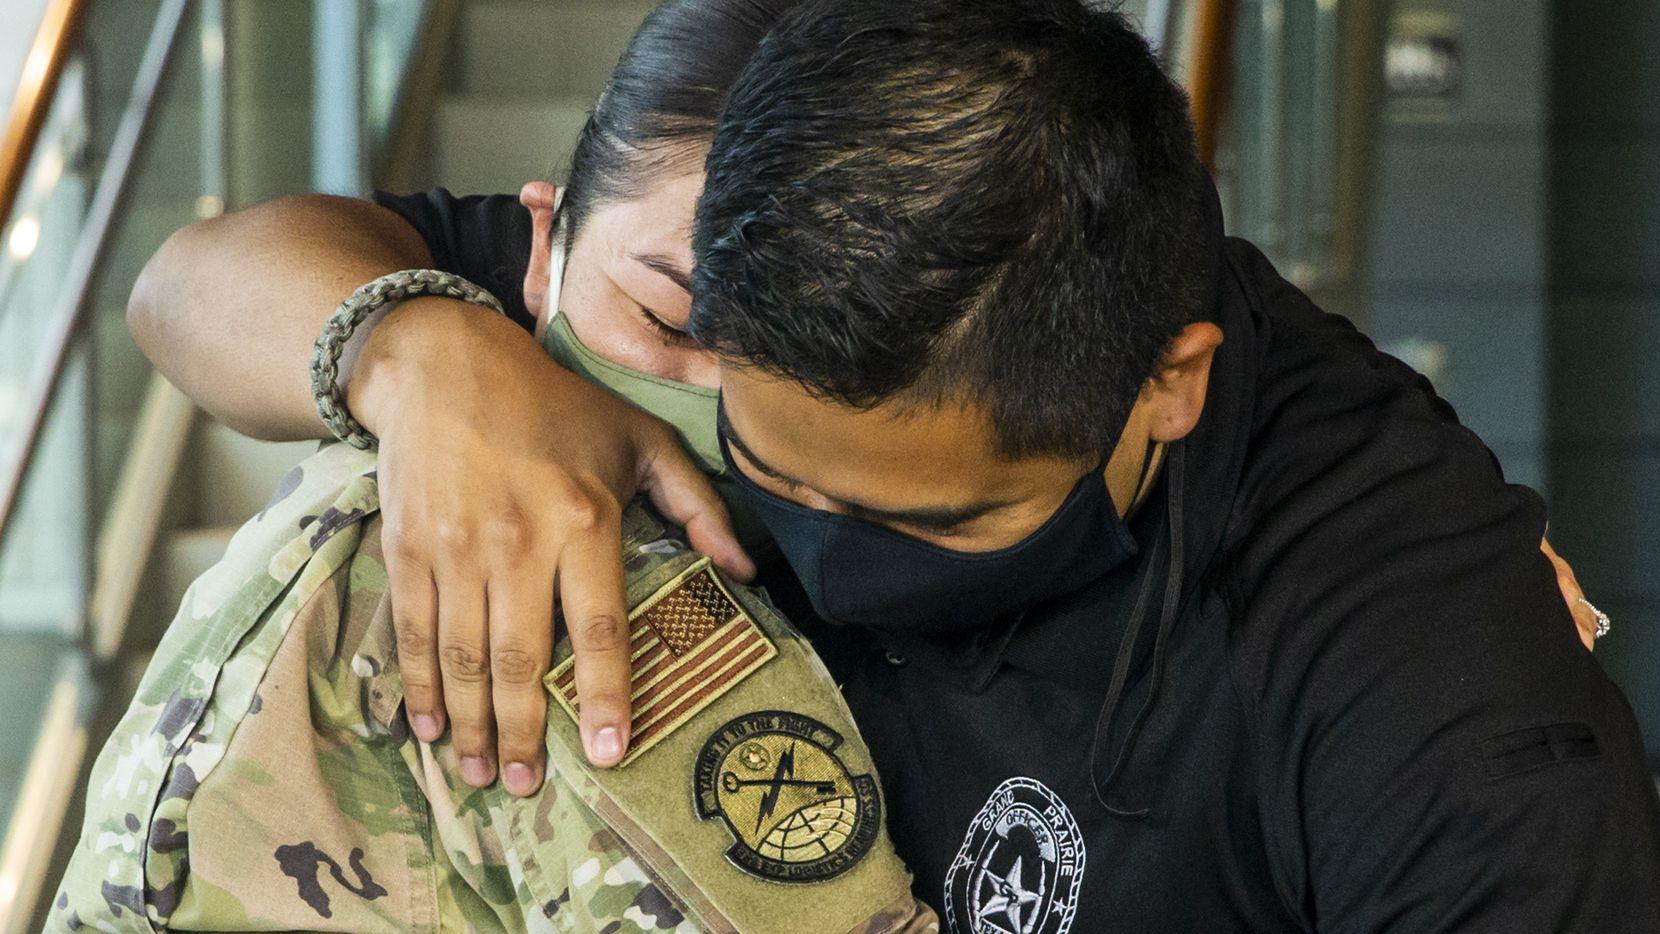 La sargento de la Fuerza Aérea Viviana Molina (izq.) sorprendió a su esposo Edgar Molina, oficial de la policía de Grand Prairie, el miércoles 29 de julio en el cuartel de la corporación policiaca. Viviana Molina regresó luego de haber estado en misión militar en Irak.